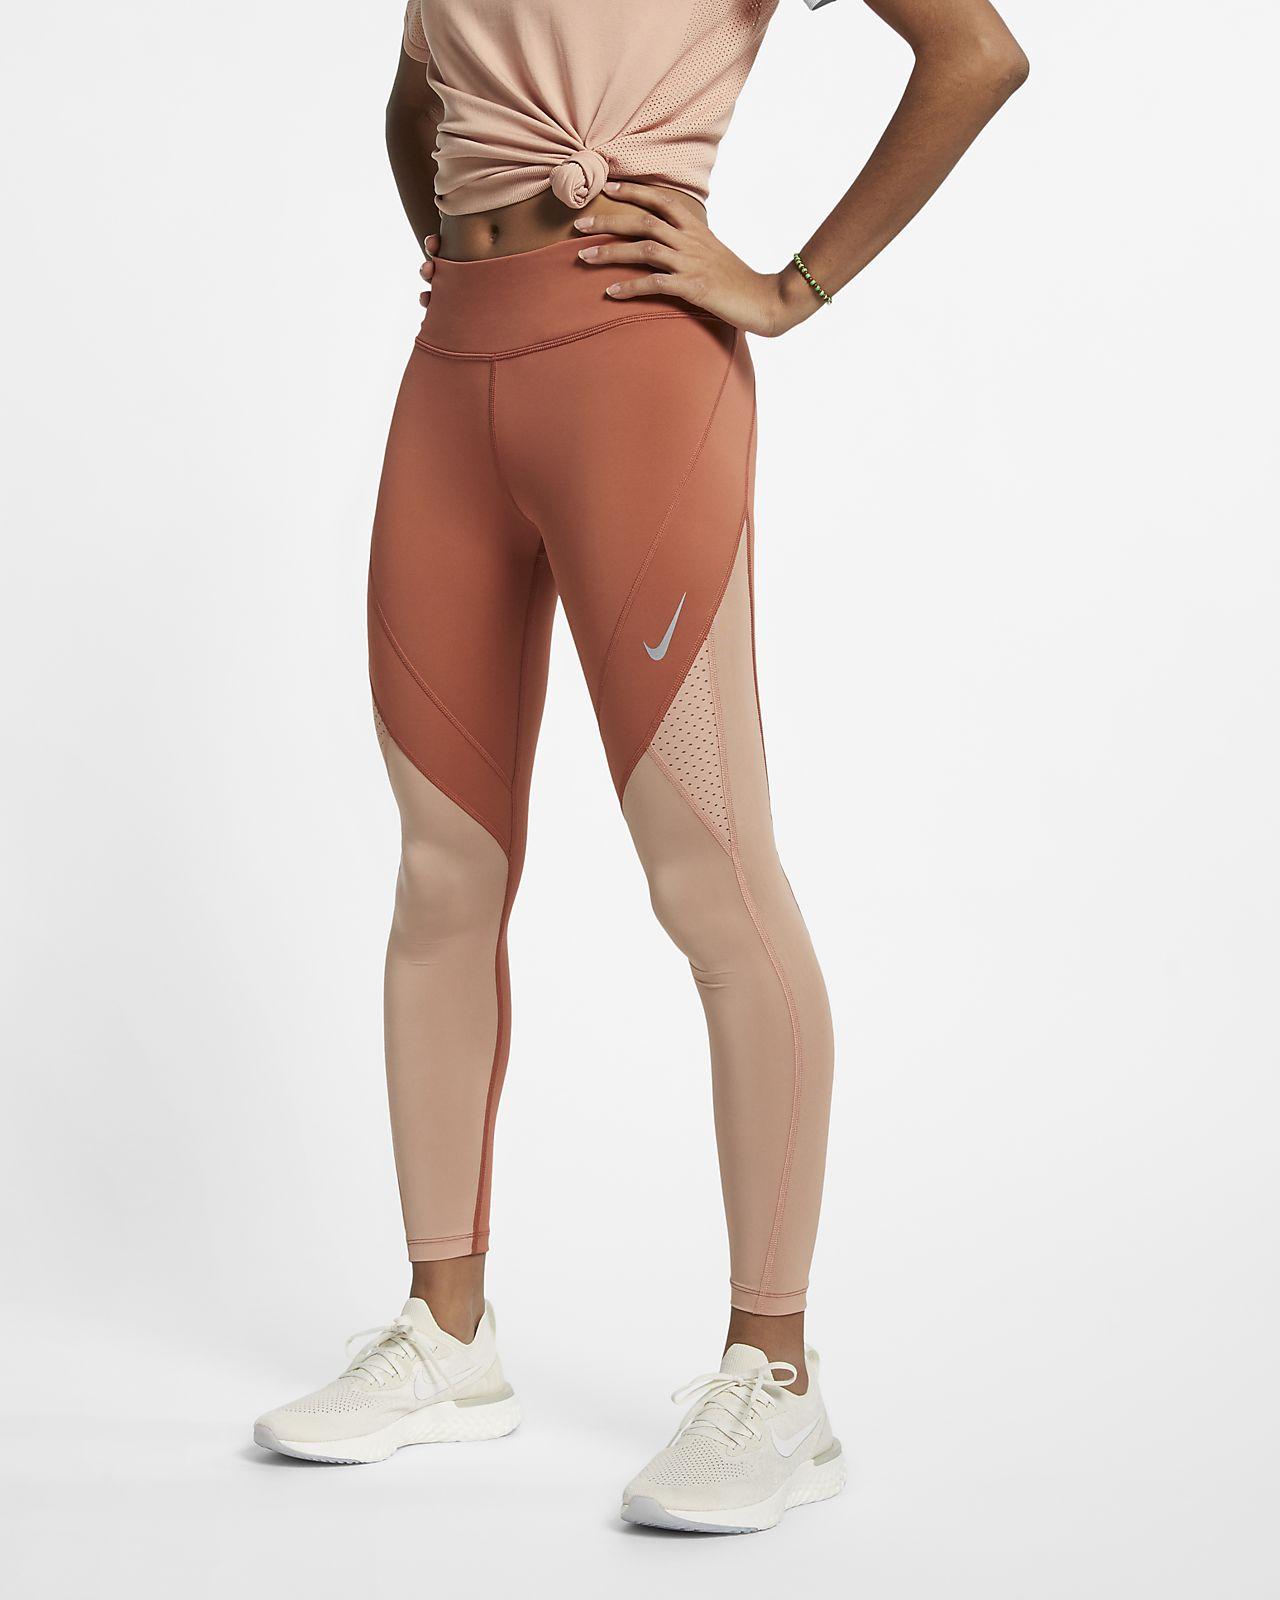 Женские слегка укороченные тайтсы для бега Nike Epic Lux